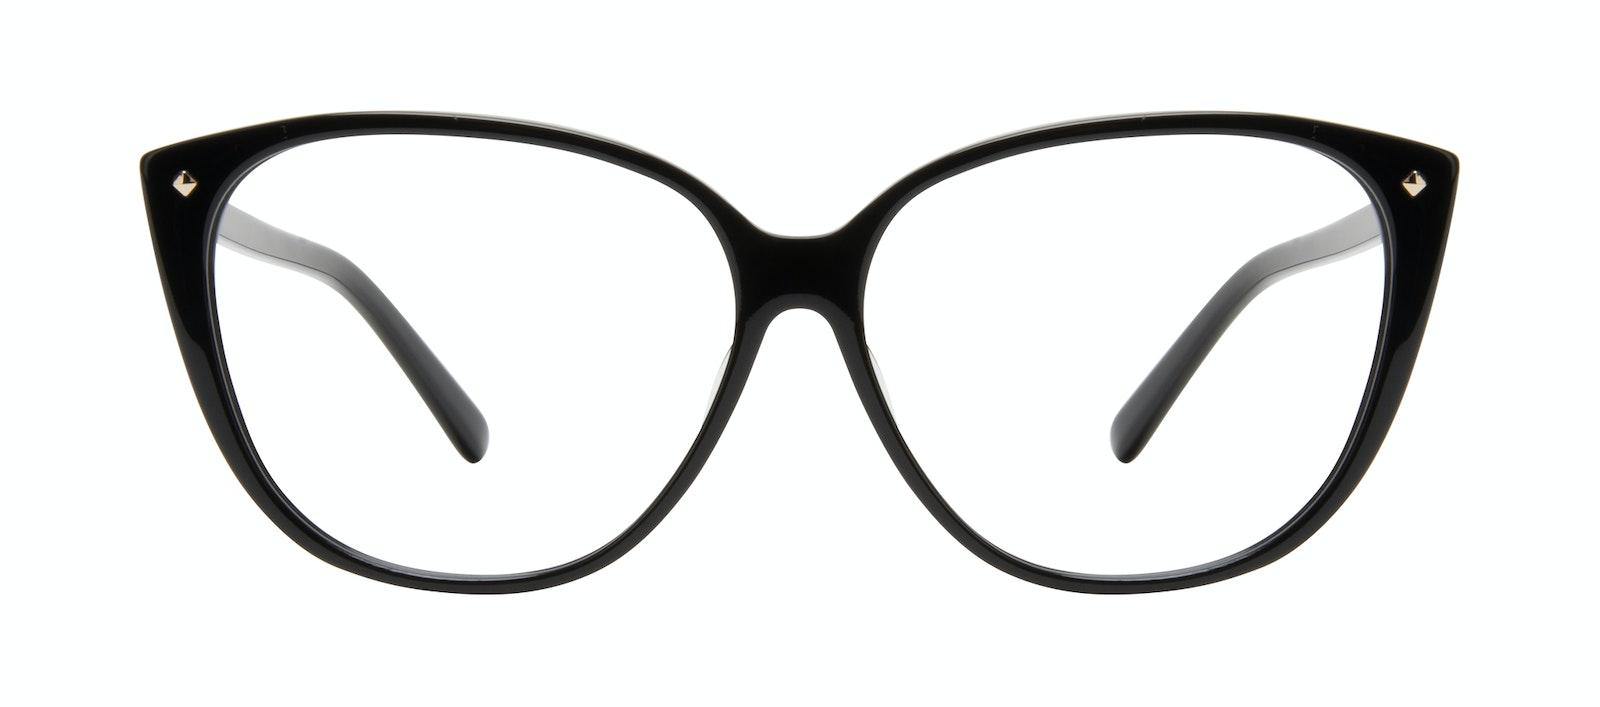 Lunettes tendance Oeil de chat Lunettes de vue Femmes Icone Onyx Face